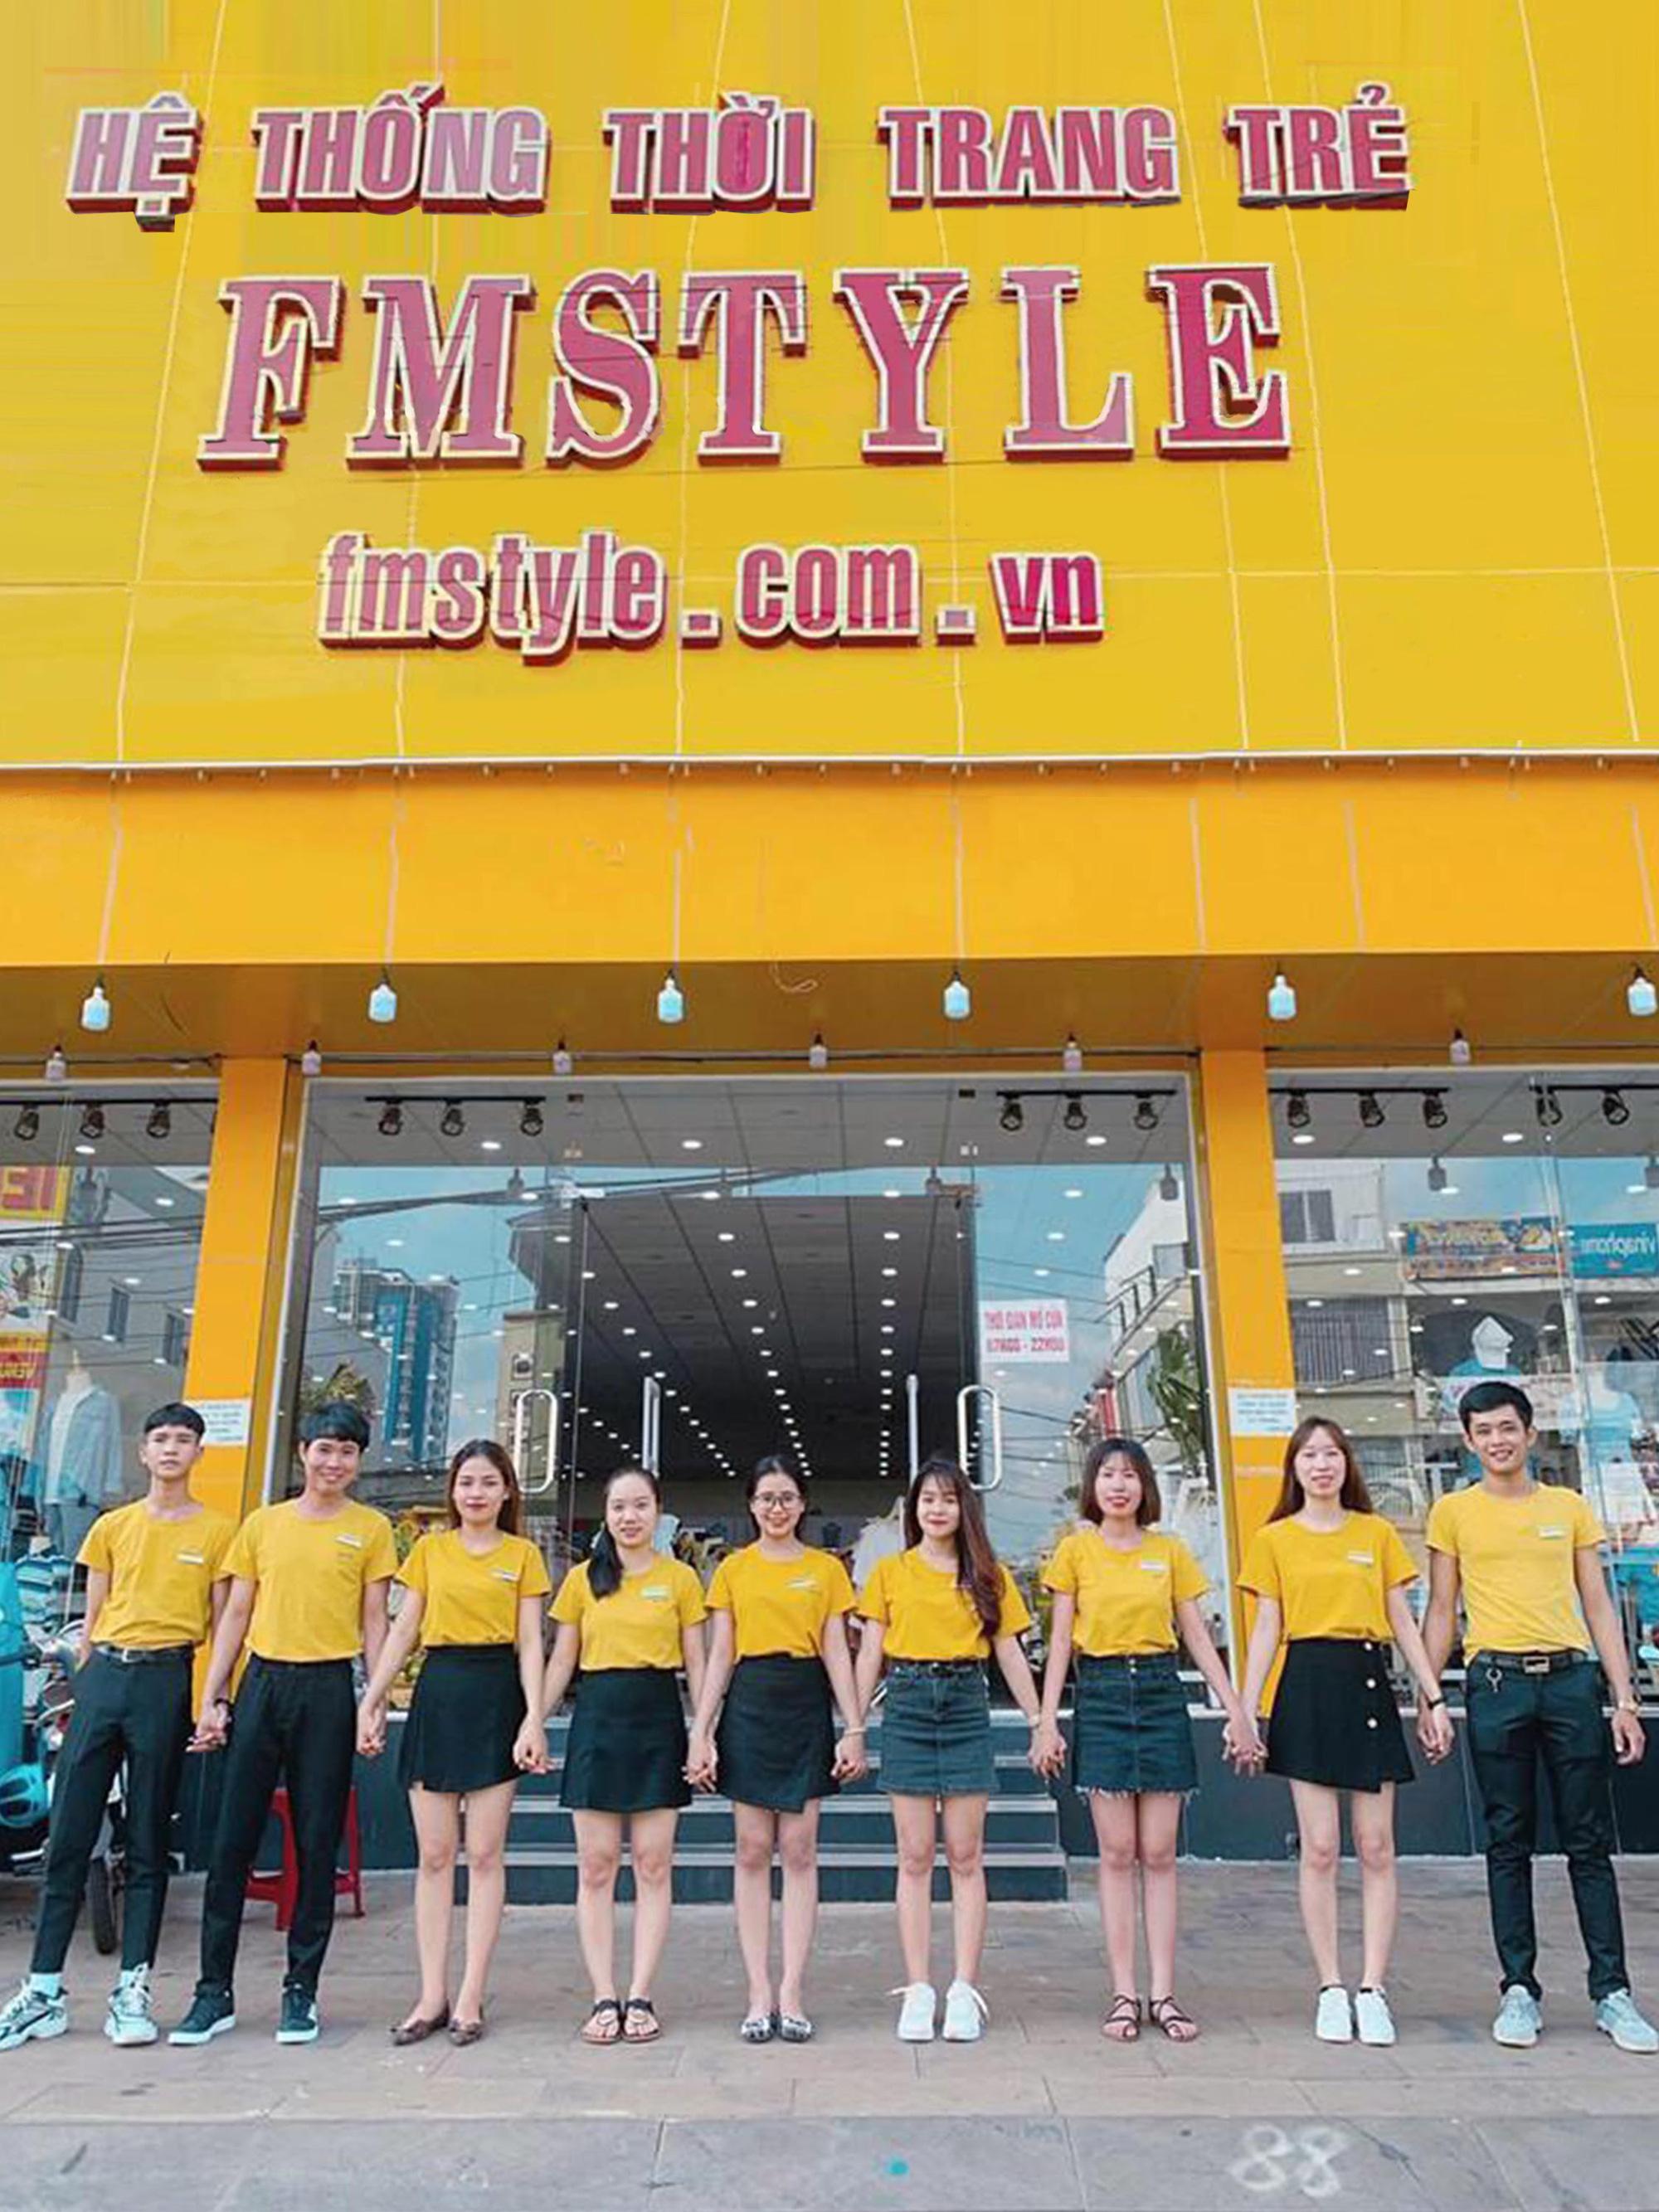 FM STYLE – Hệ thống thời trang đón đầu mọi xu hướng - Ảnh 1.